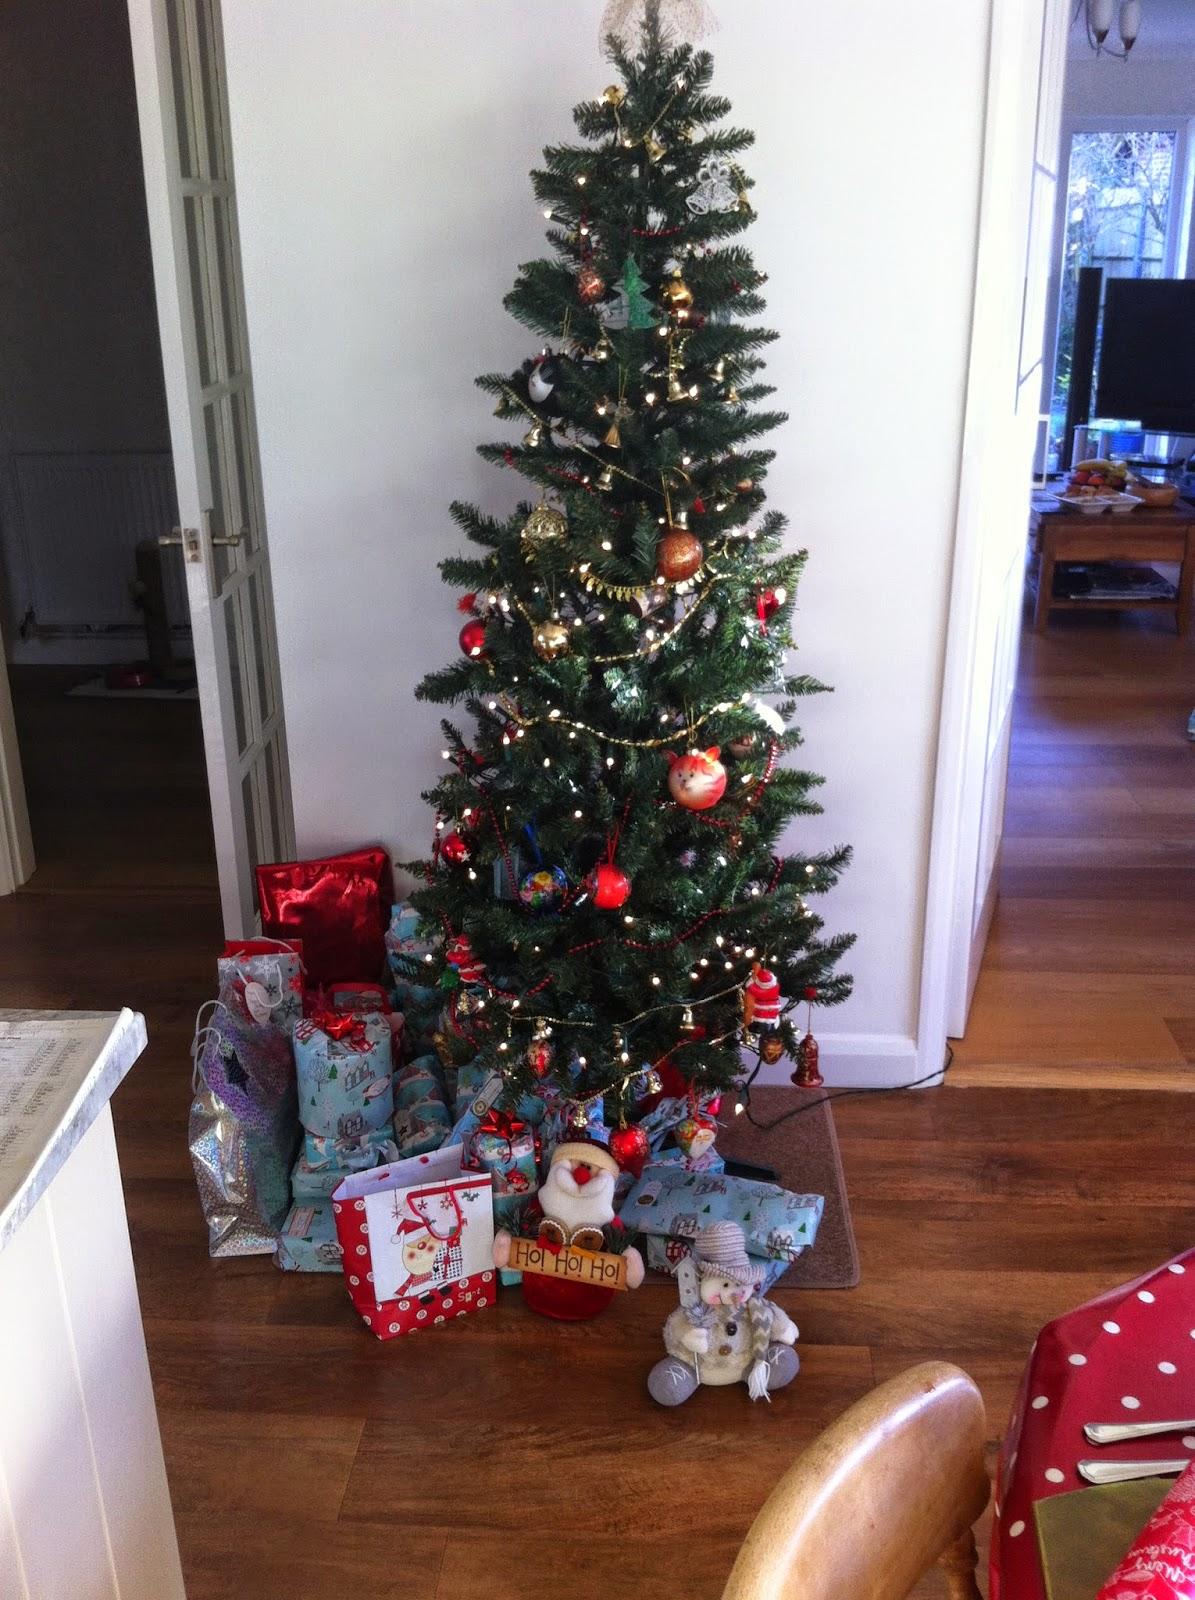 Instagram: RhiannonBlog Christmas Tree 2014